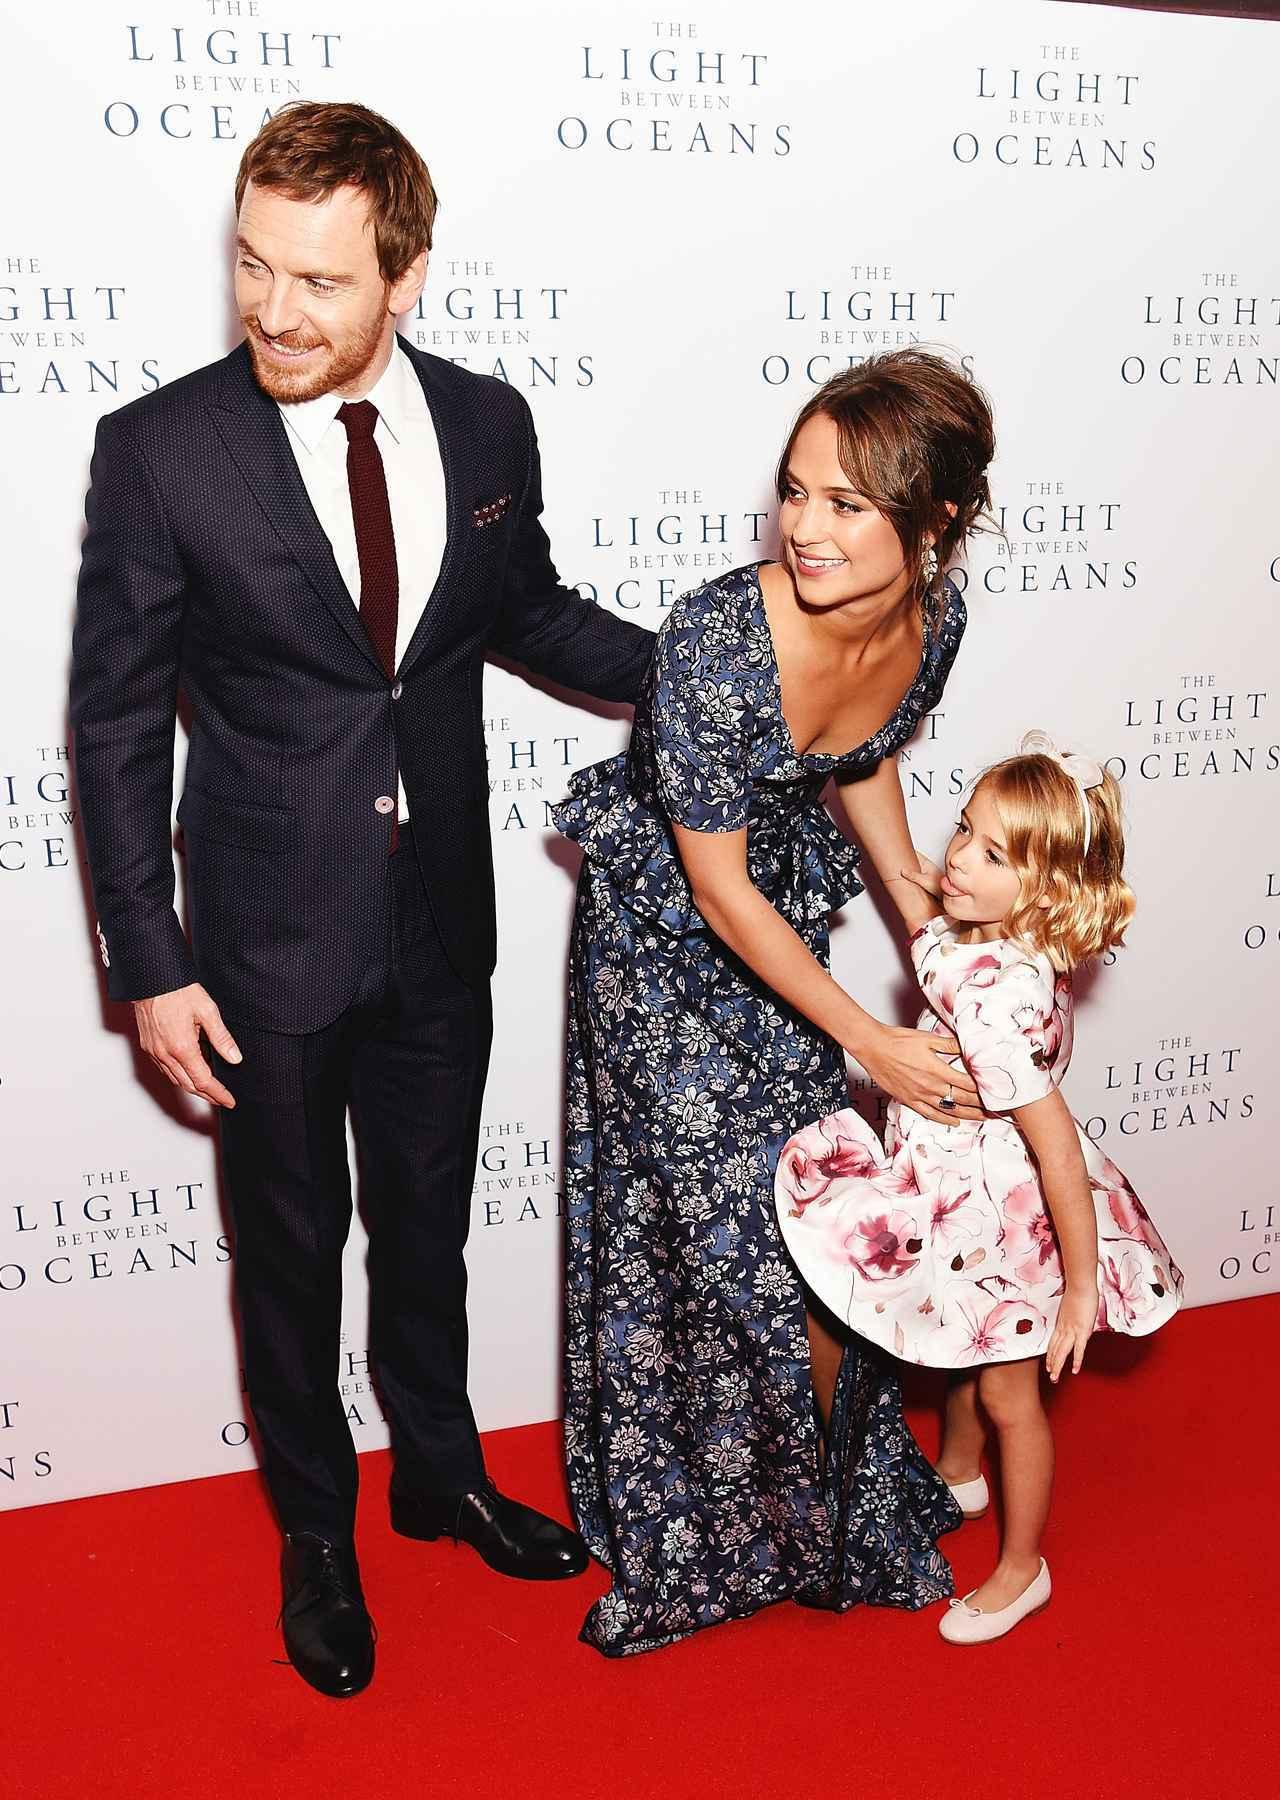 画像: 映画『光をくれた人』のプレミアイベントで、子役とレッドカーペットを歩くマイケル・ファスベンダーとアリシア・ヴィキャンデル。